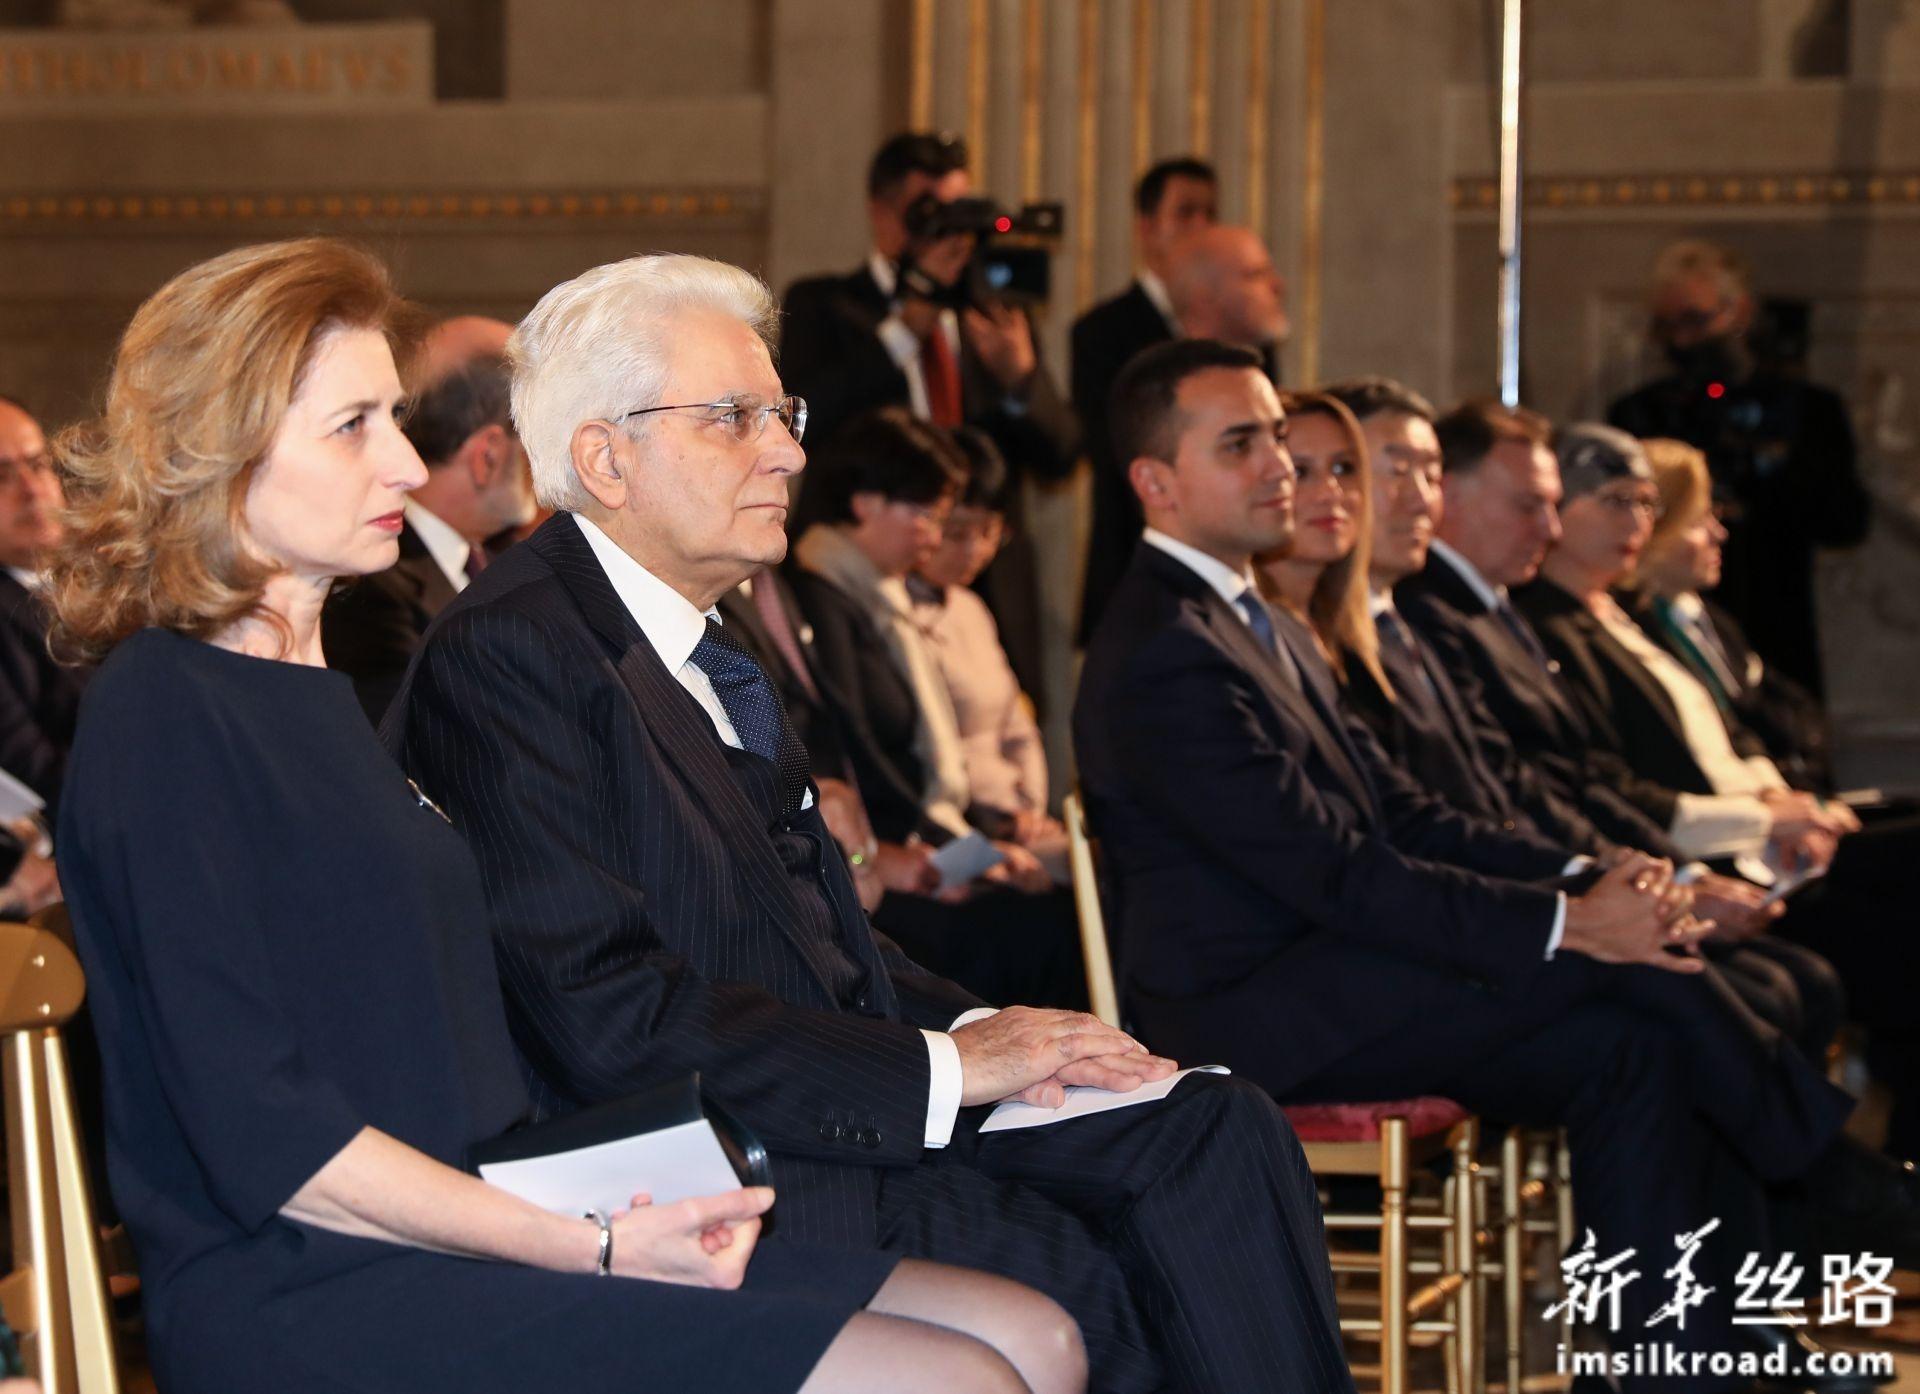 2月13日,在意大利罗马总统府奎里纳莱宫,意大利总统马塔雷拉(左二)欣赏音乐会。新华社记者 程婷婷 摄